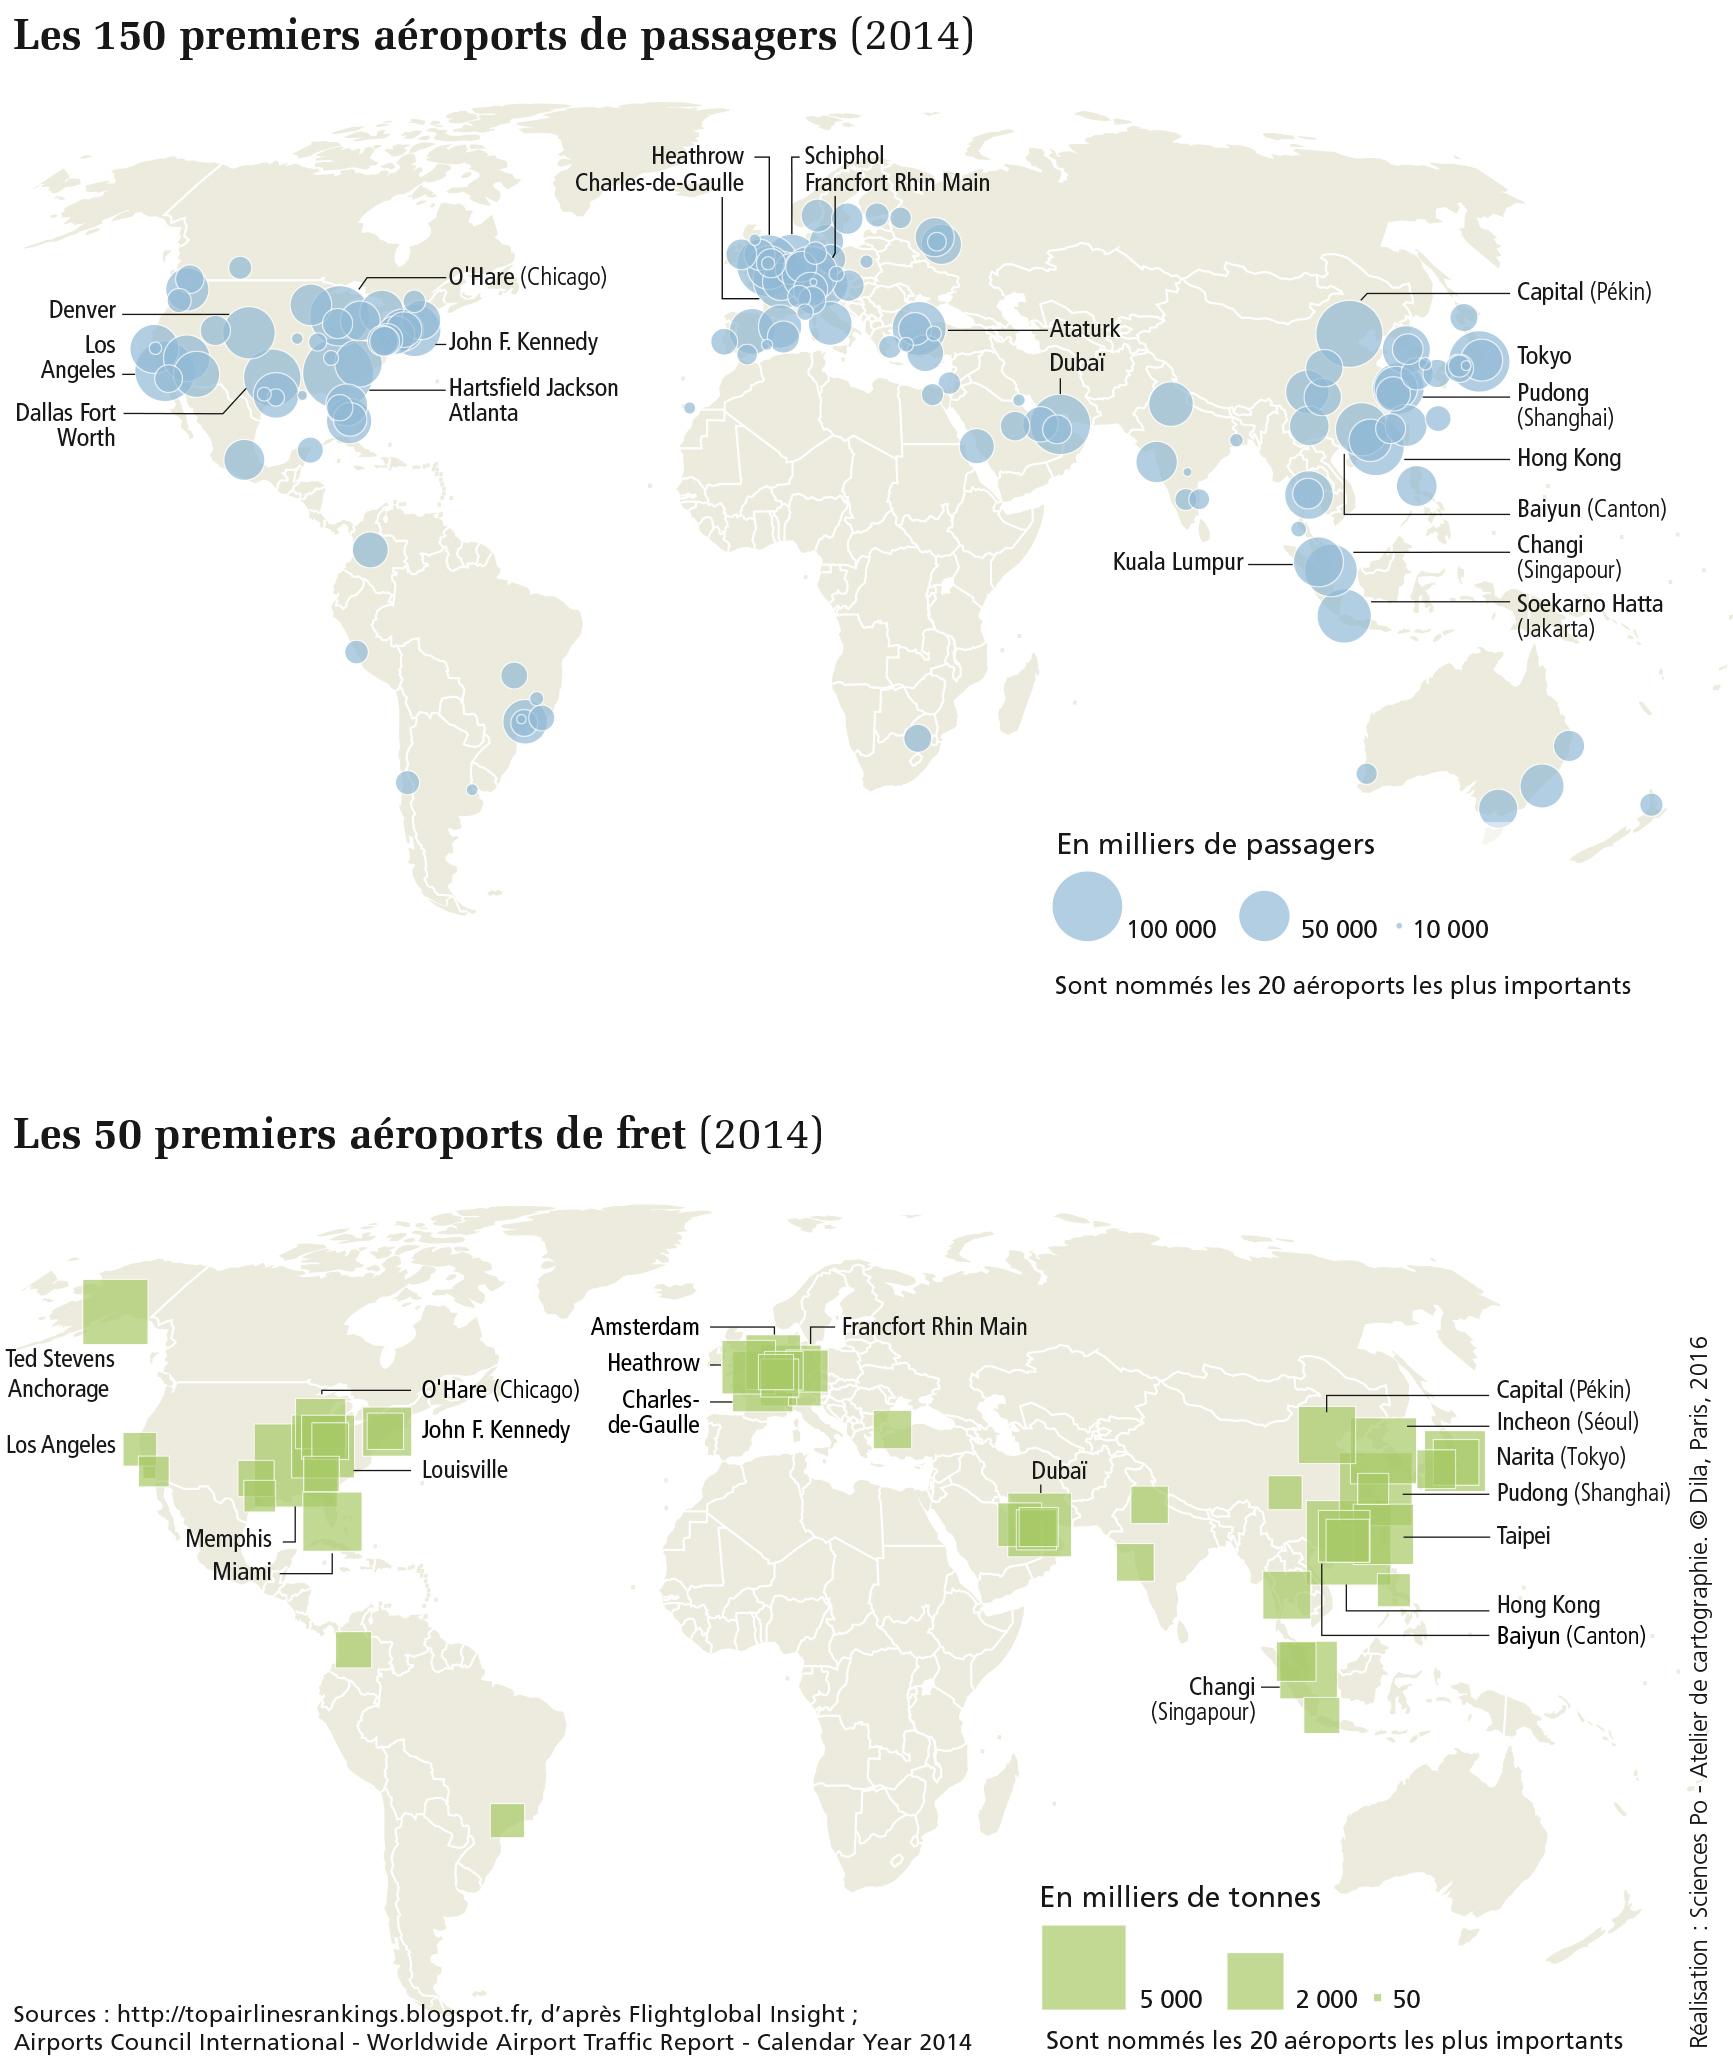 Carte Amerique Du Sud Aeroport.Carte Des 150 Premiers Aeroports De Passagers Dans Le Monde